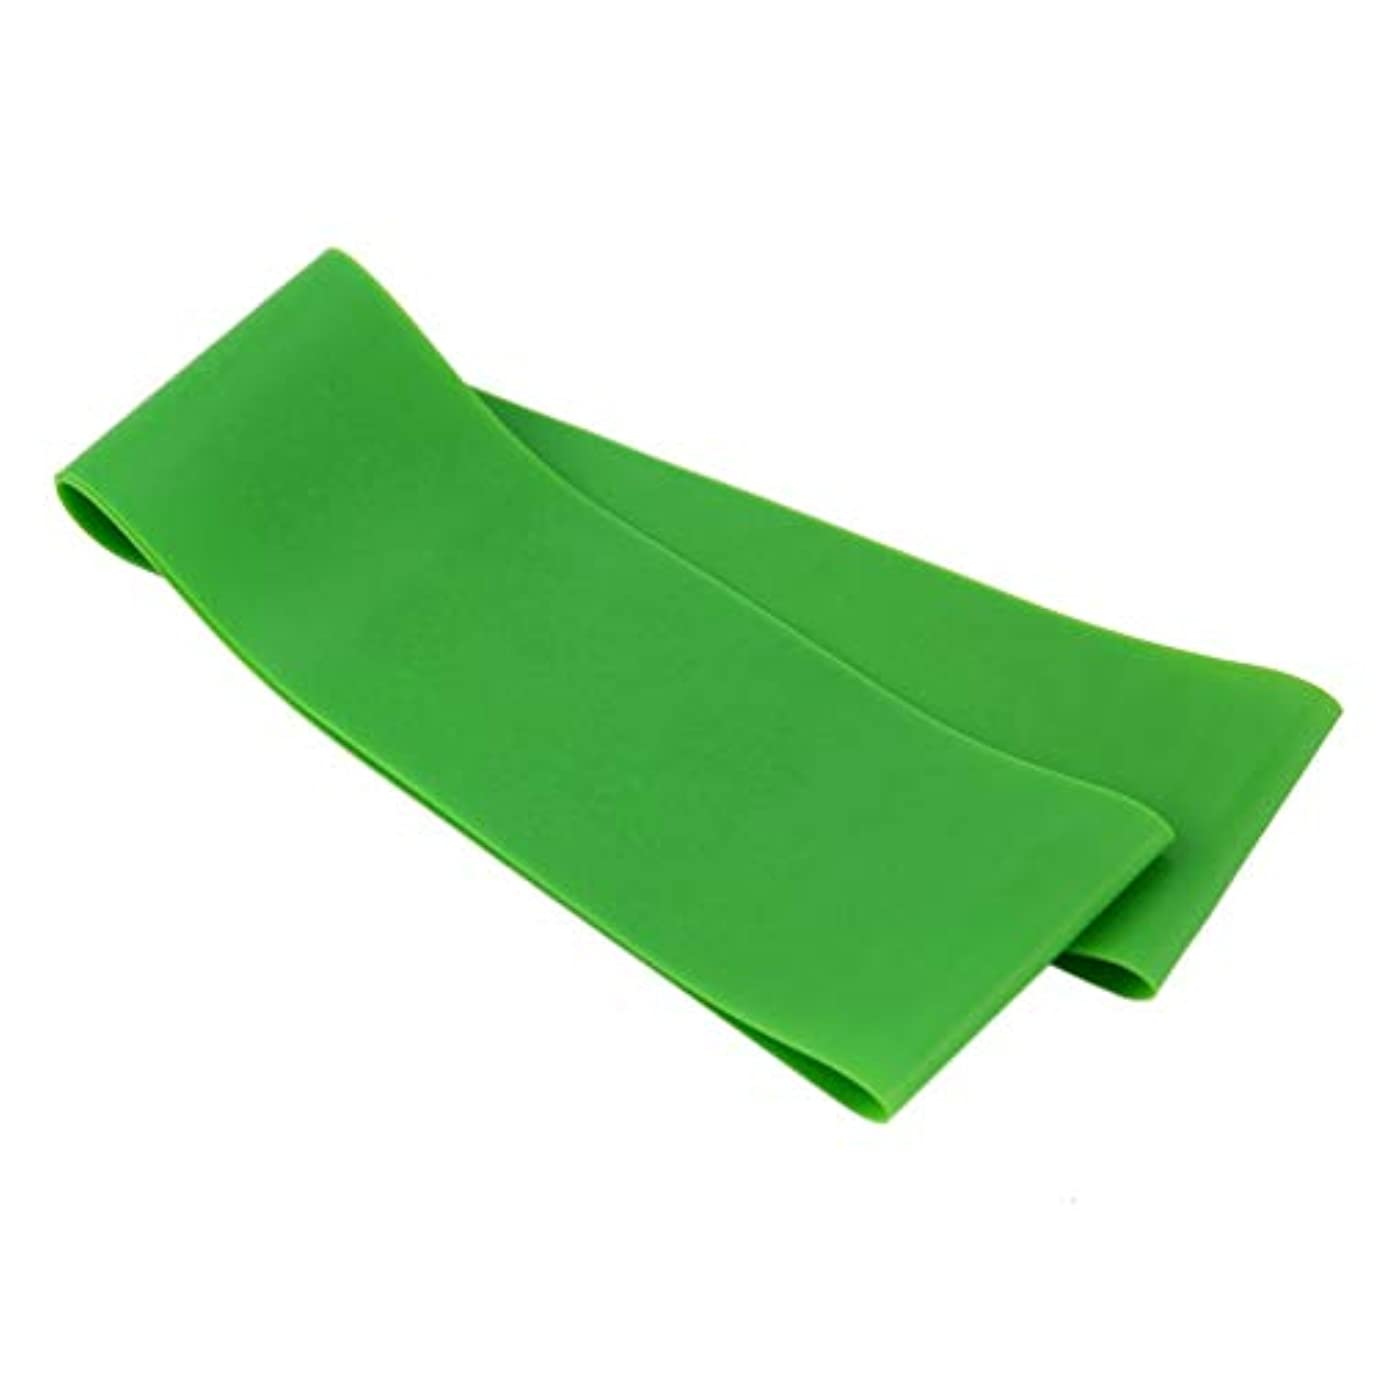 自宅で色合いハウス滑り止め伸縮性ゴム弾性ヨガベルトバンドプルロープ張力抵抗バンドループ強度のためのフィットネスヨガツール - グリーン